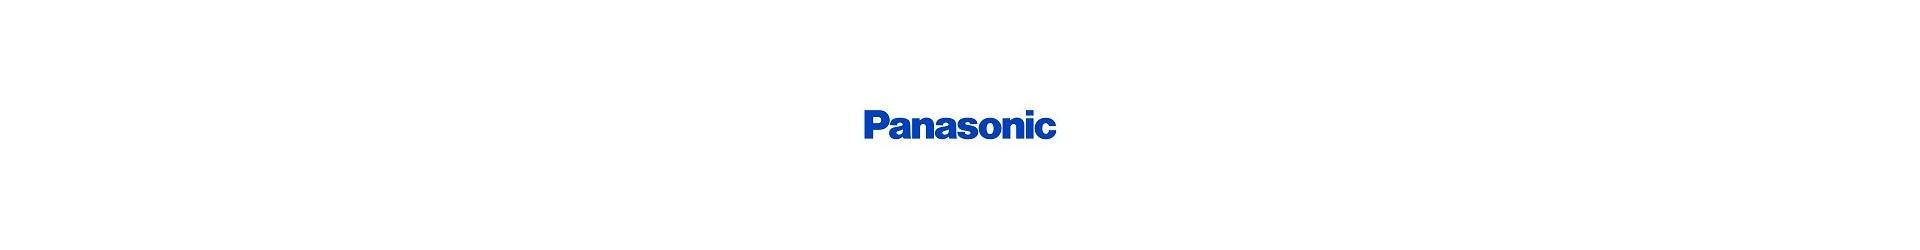 Panasonic (Wärmepumpe)